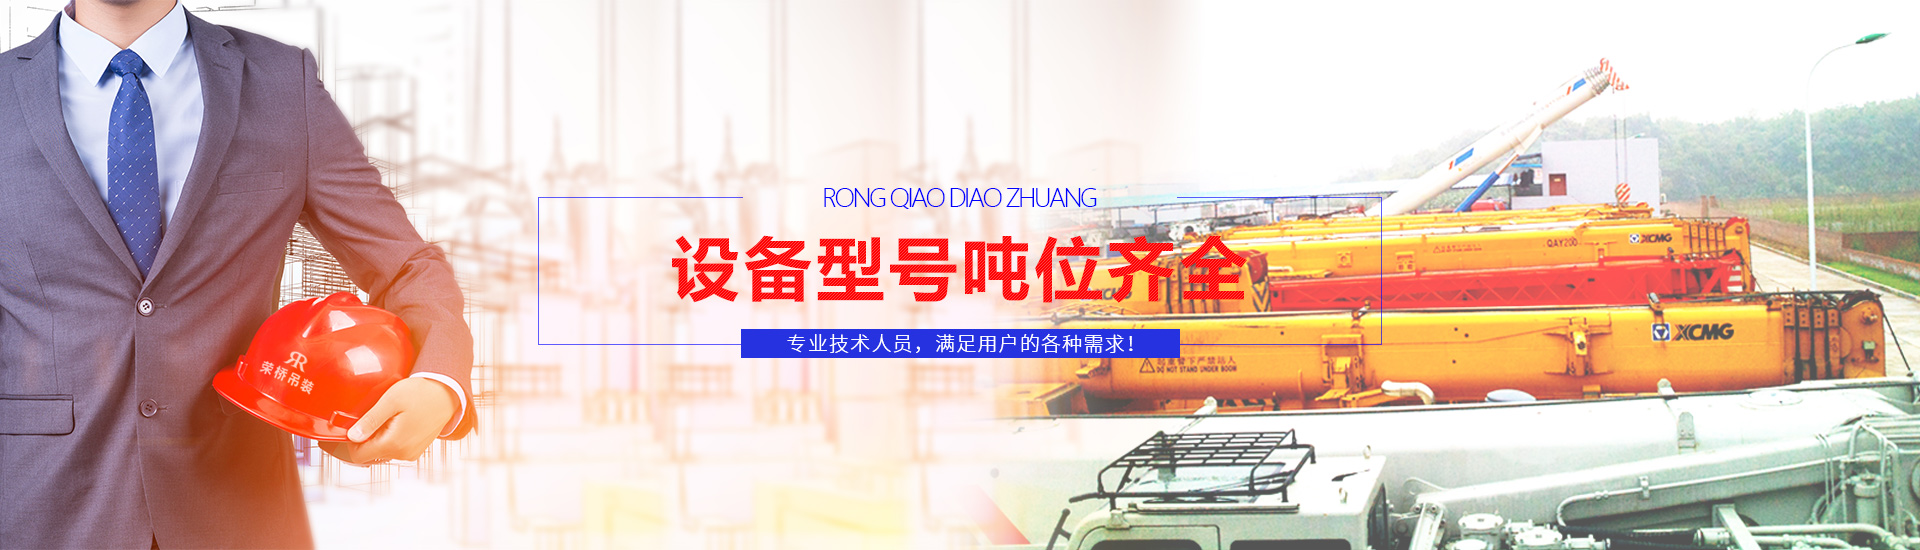 重庆吊装安装公司